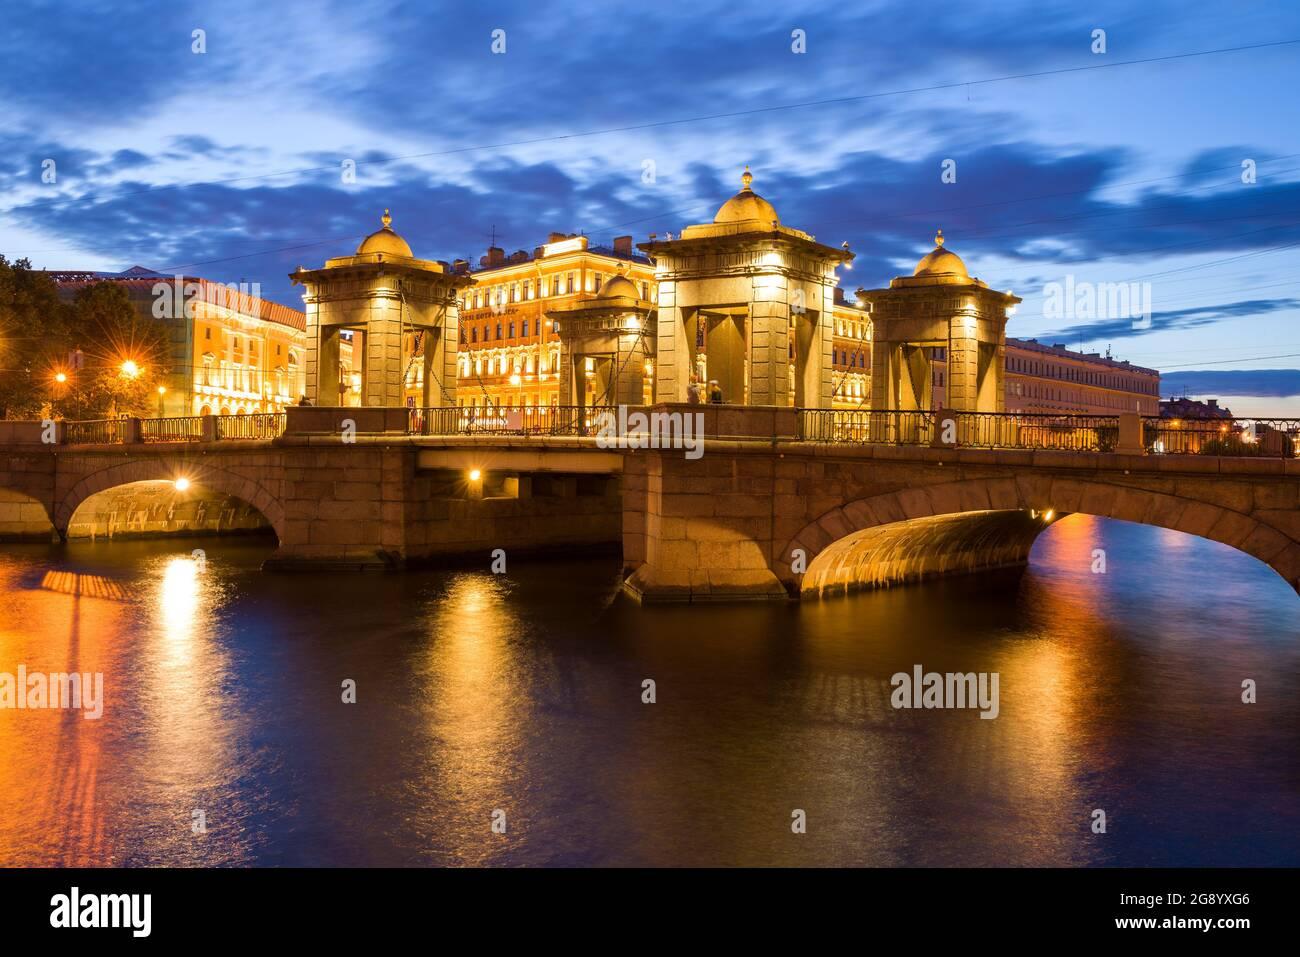 SAINT-PÉTERSBOURG, RUSSIE - 25 JUILLET 2019 : l'ancien pont Lomonosov dans la nuit illuminée le soir de juin Banque D'Images